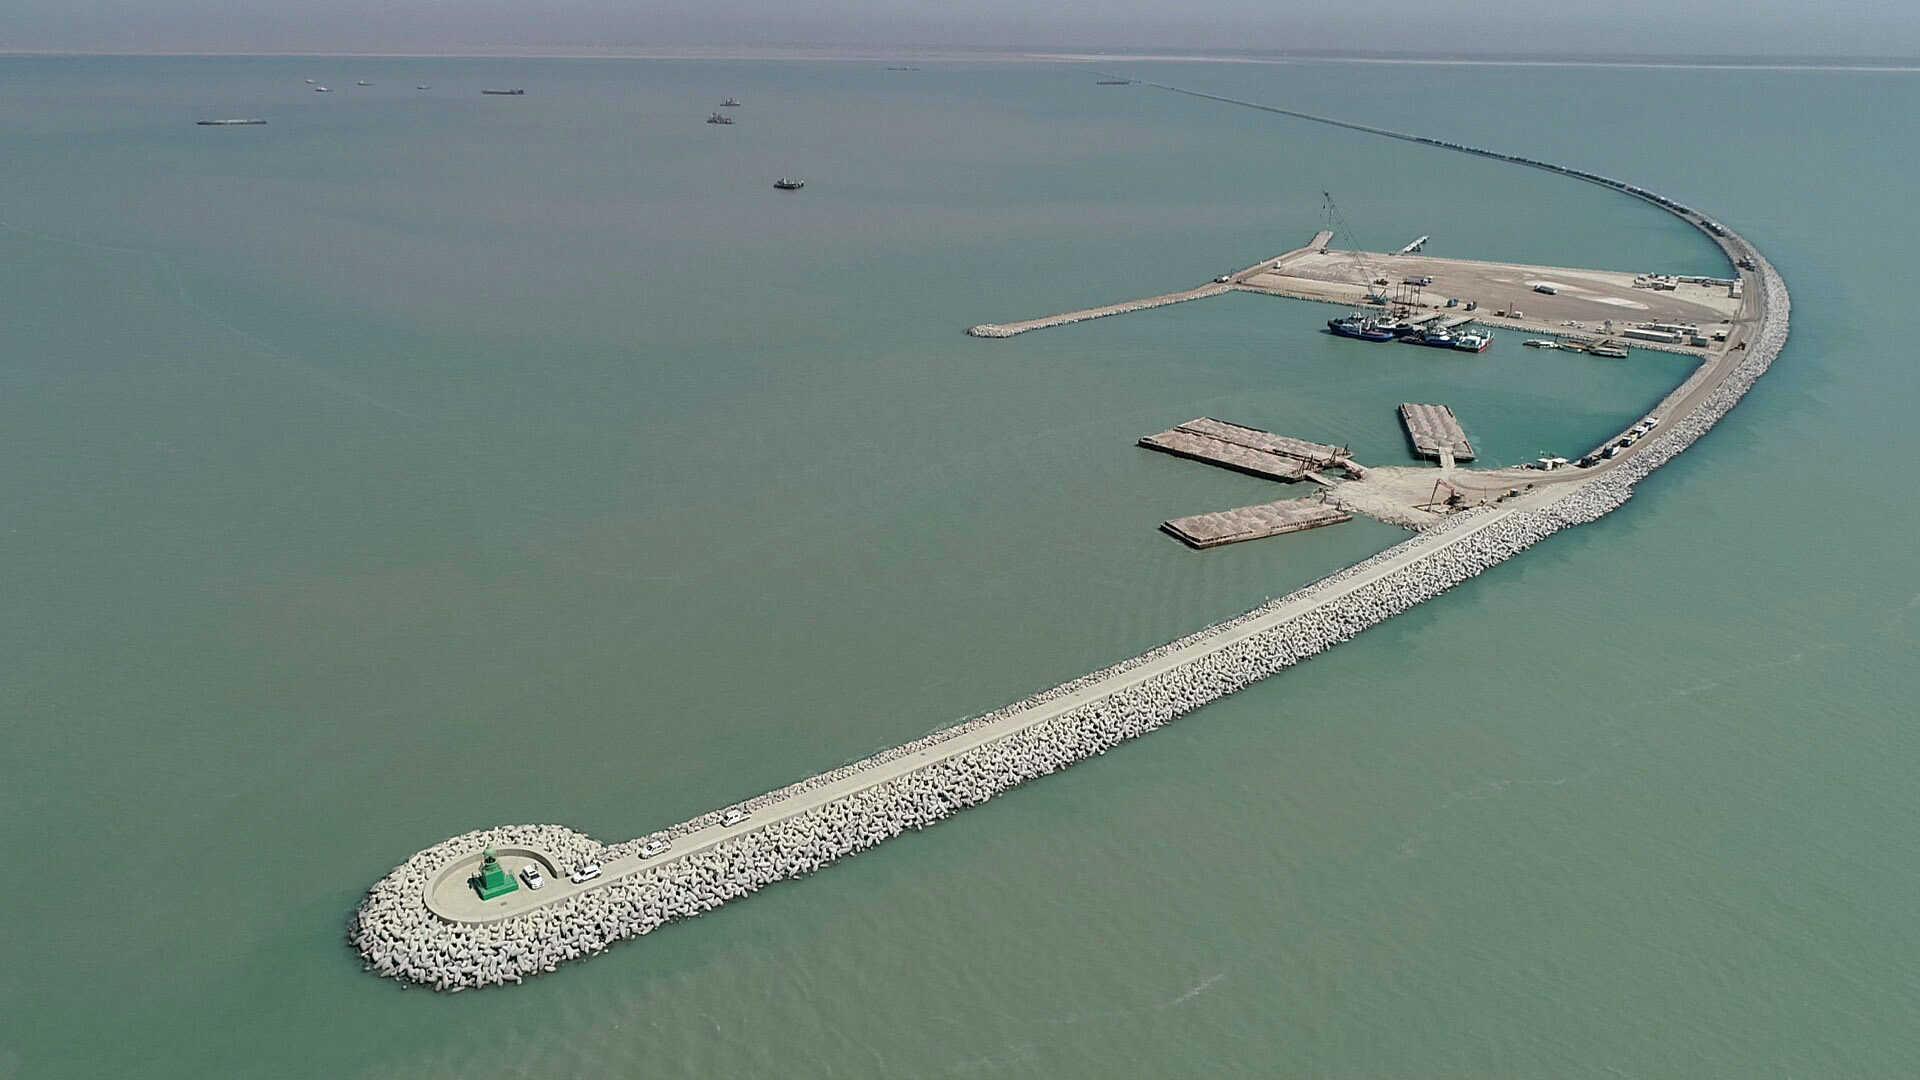 وزارة النقل:المباشرة بأعمال تنفيذ ميناء الفاو من قبل الشركة الكورية